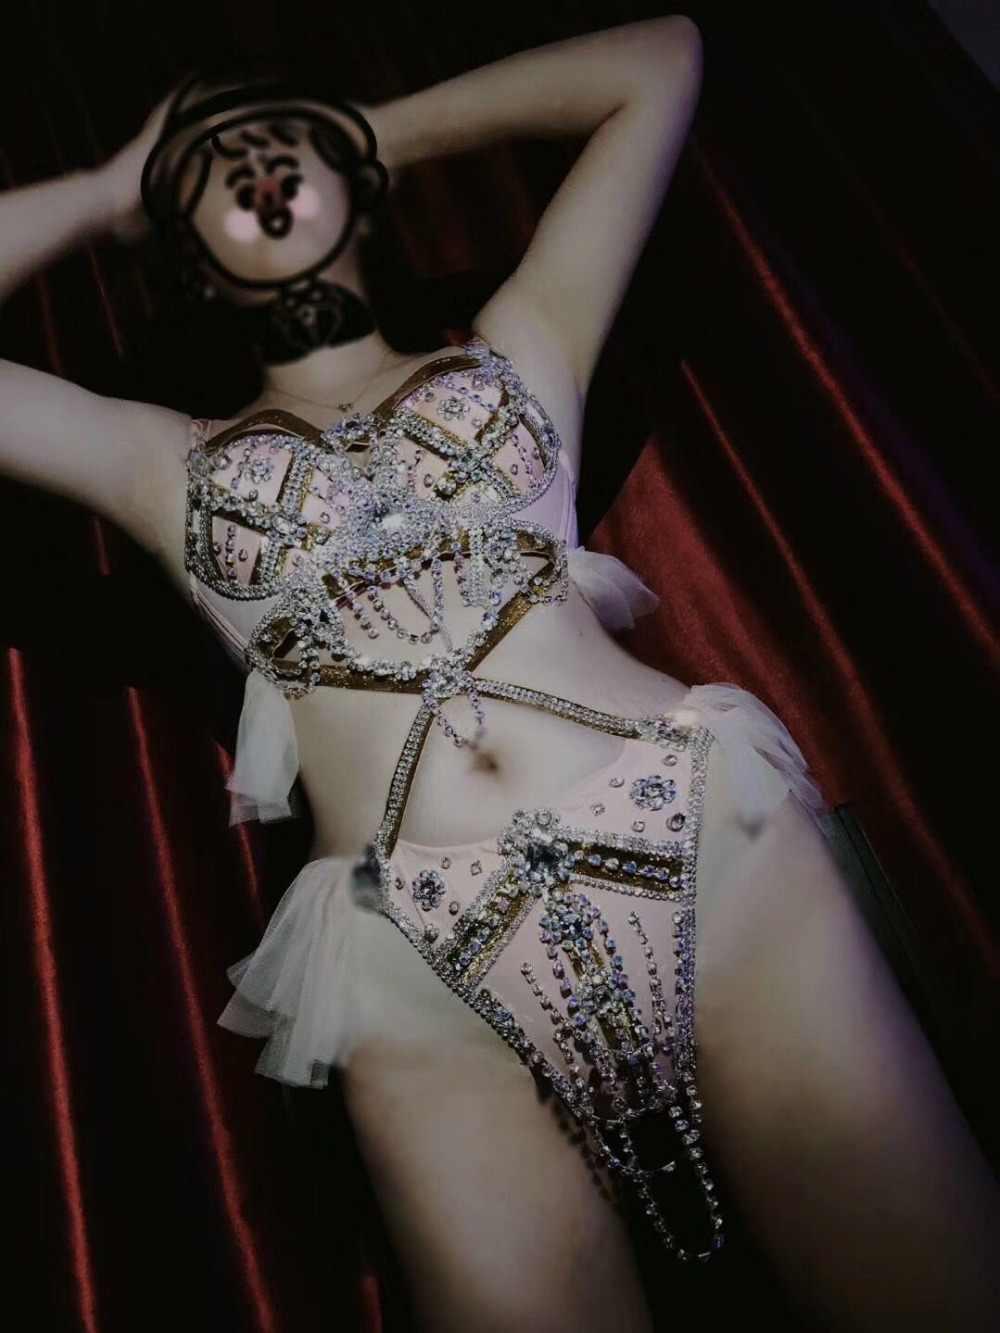 2019 新点滅ピンクブラジャーショート衣装バー女性歌手ショーセクシーなビキニ服イブニングダンス誕生日の衣装セット